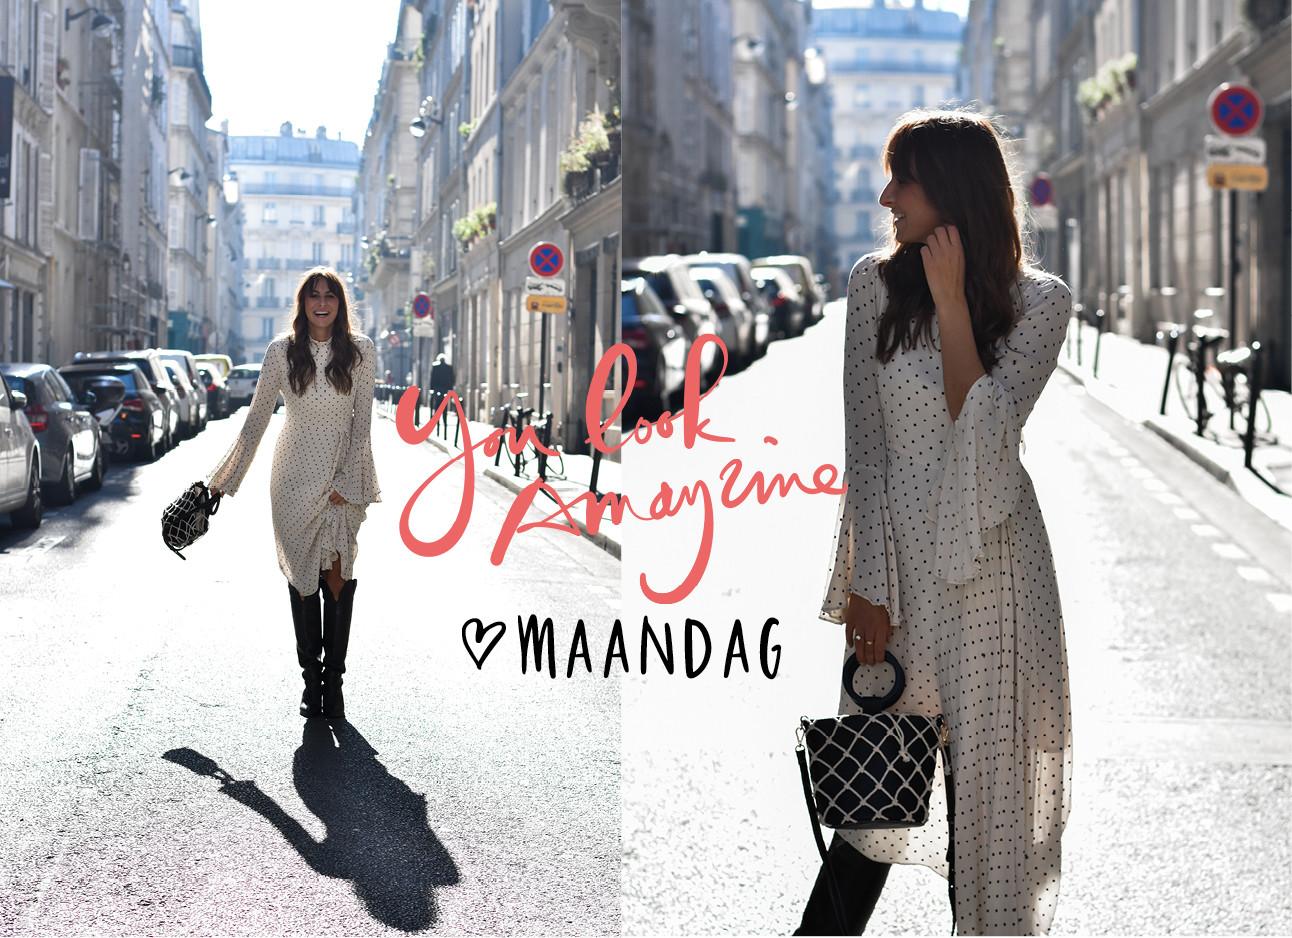 lil in de straten van parijs in een wit met zwart gestipte jurk van essentiel antwerp en een tas van mango en boots van &other stories over haar knie